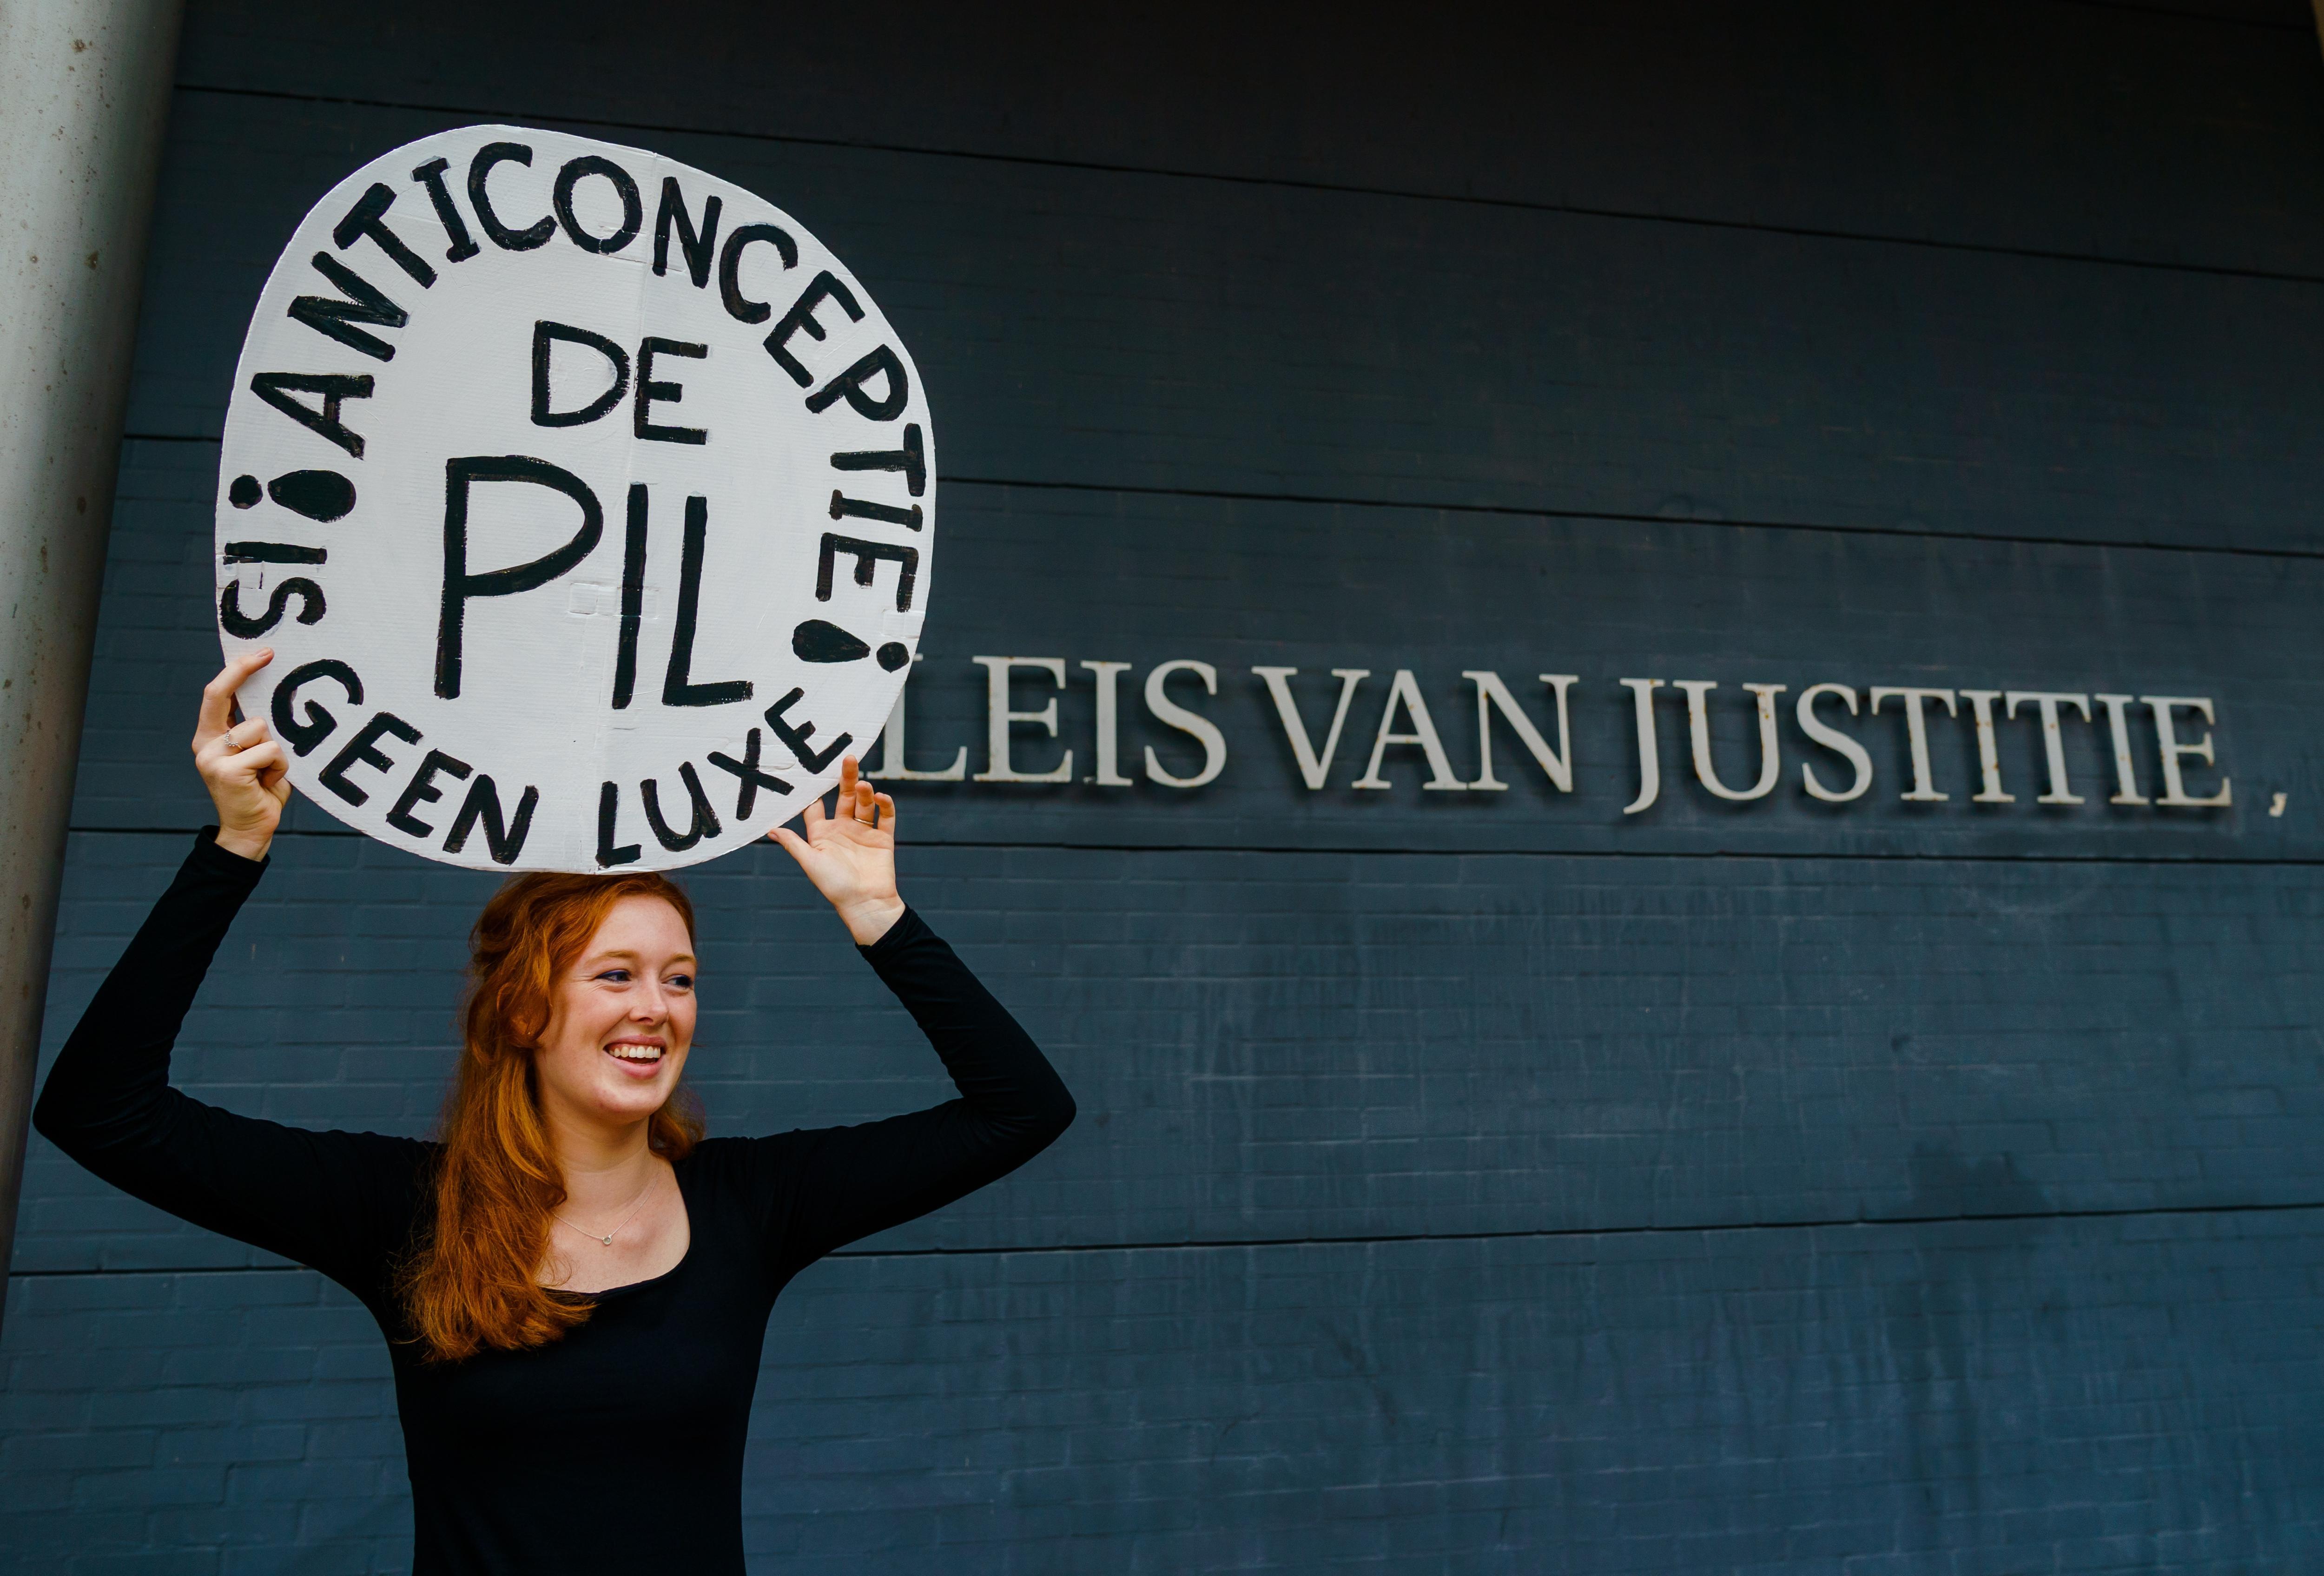 Advocaten verwijten Staat discriminatie omdat ze vrouwen laat opdraaien voor de kosten van anticonceptie